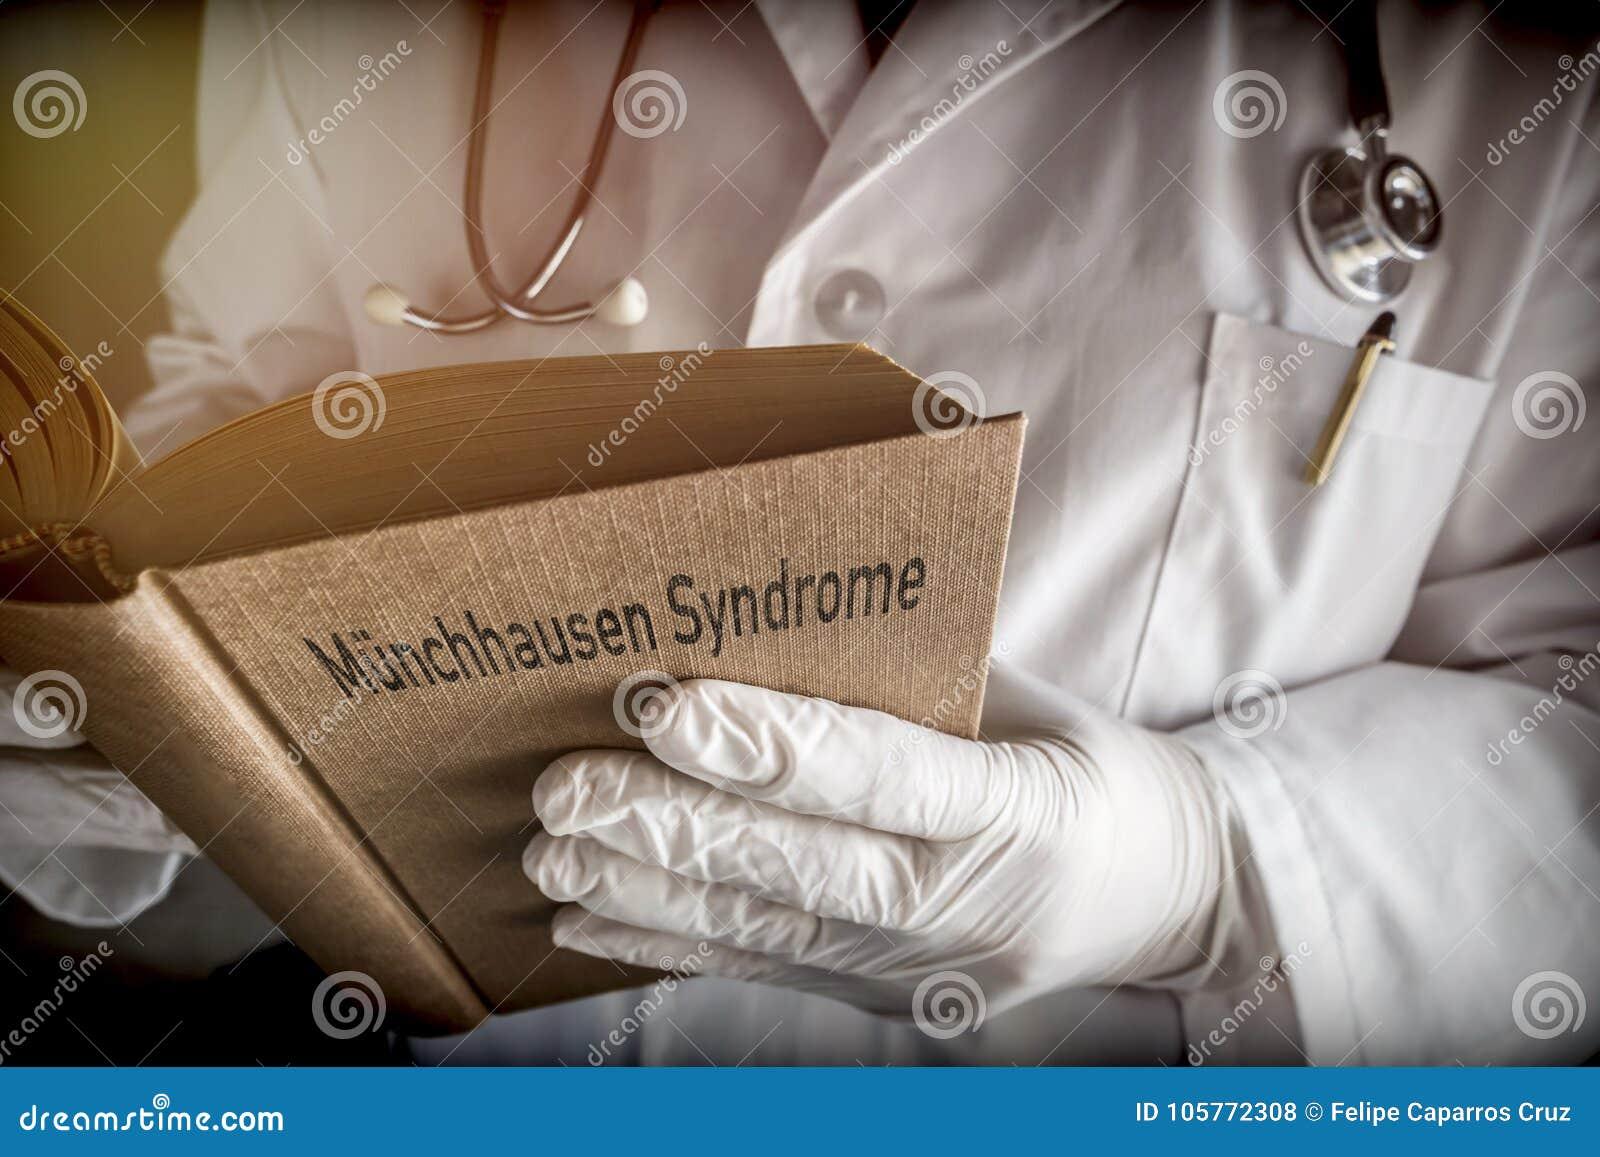 Le Docteur Se Tient Dans Un Livre De Syndrome De Munchausen ...